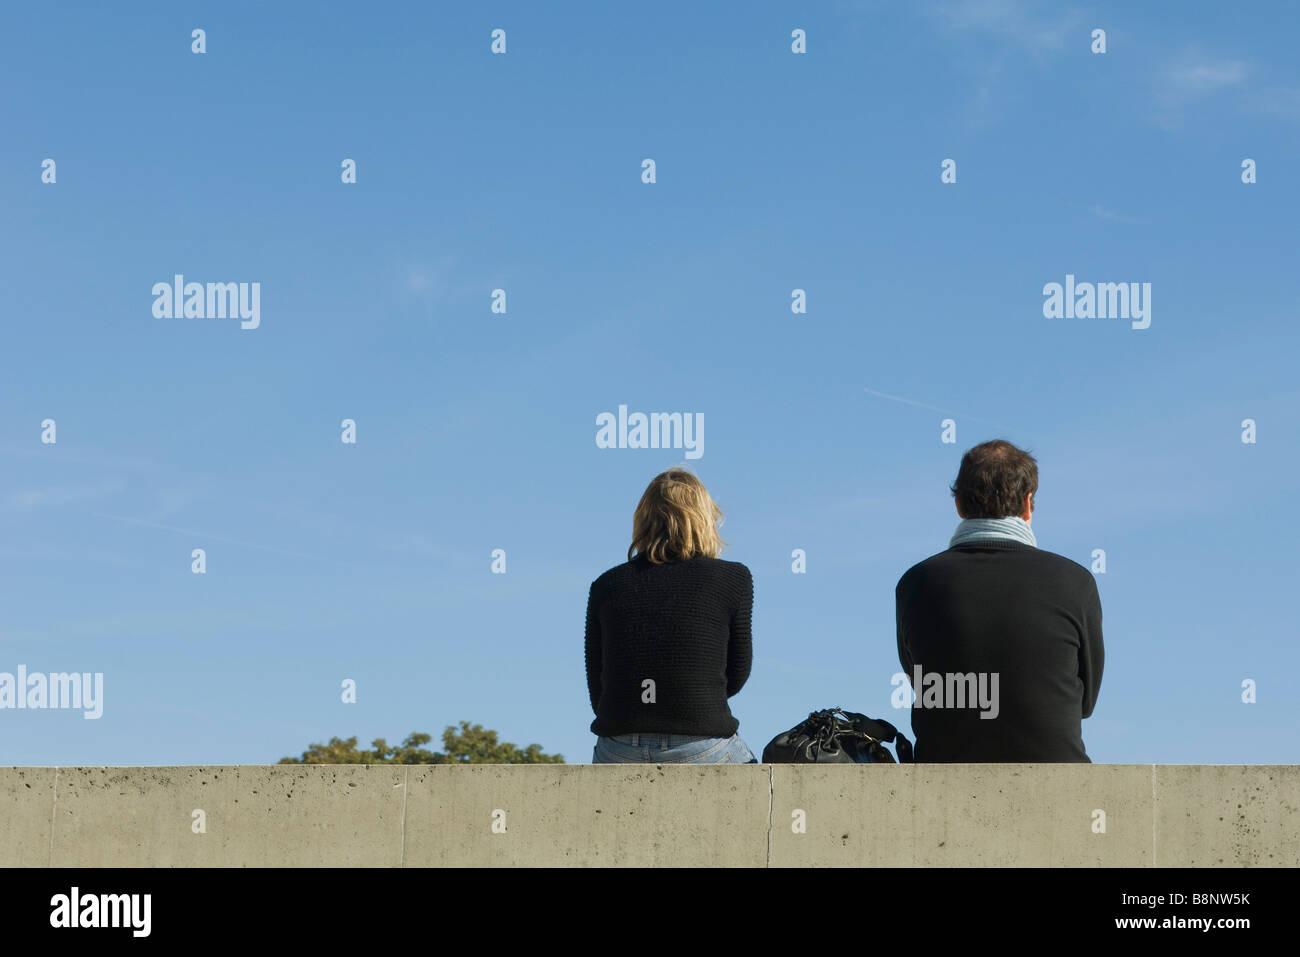 Paar sitzt auf Sims, Rückansicht Stockbild